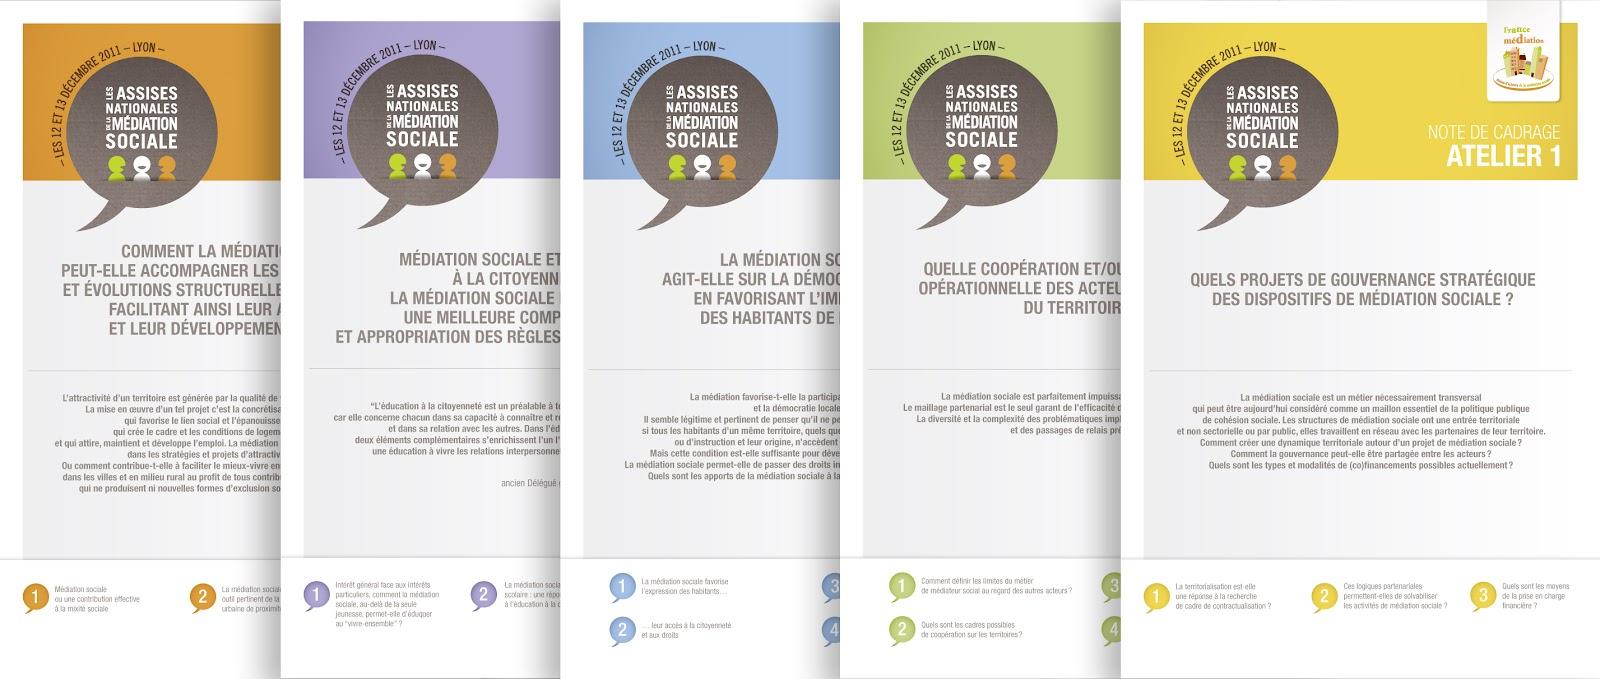 cc  book u2026  france m u00c9diation